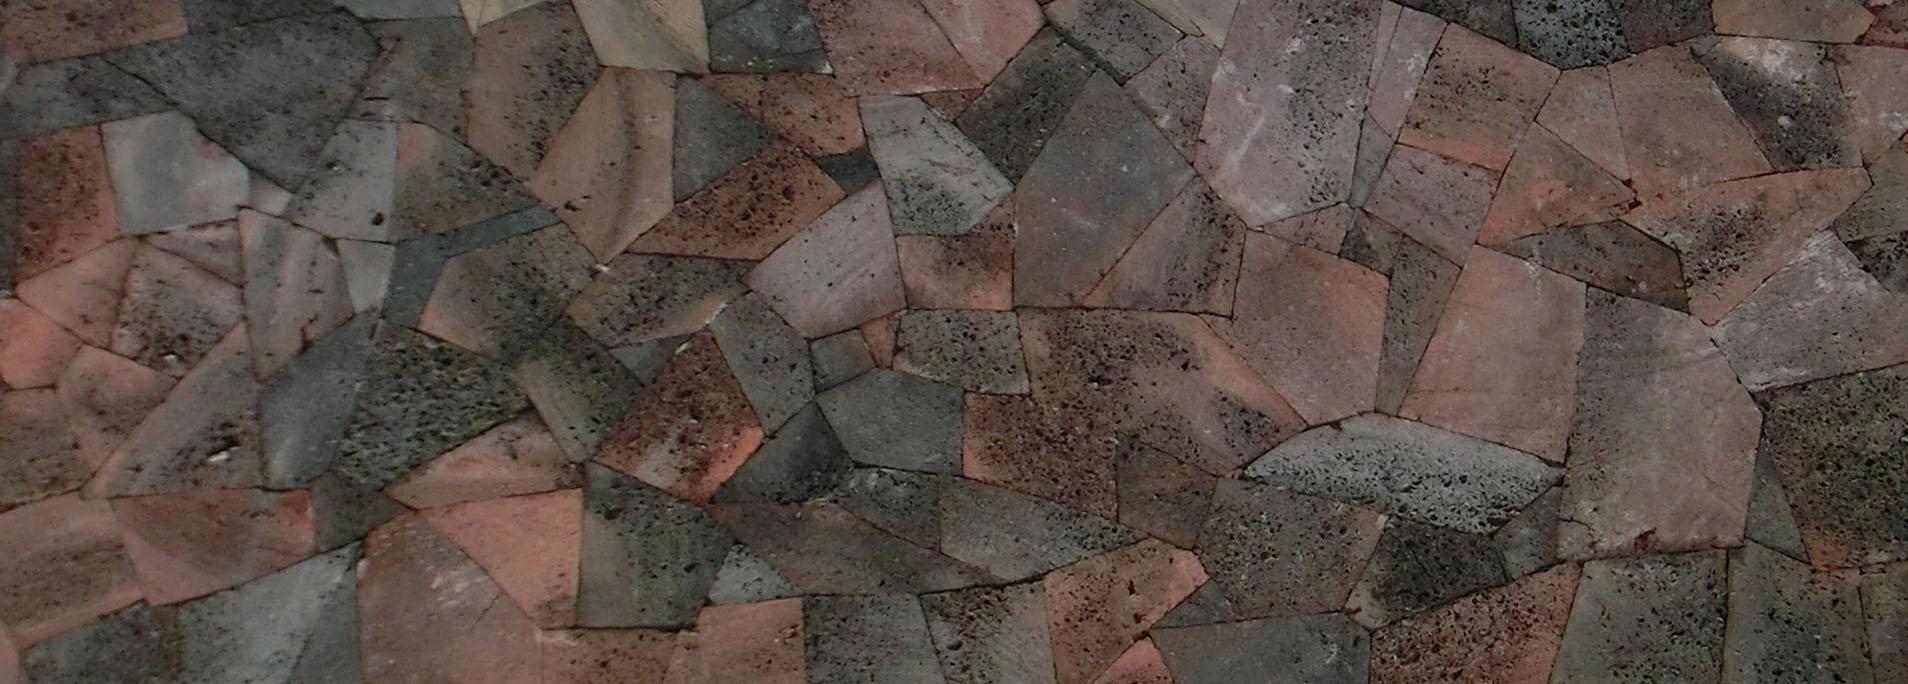 紅色火山石-浮石亂拼